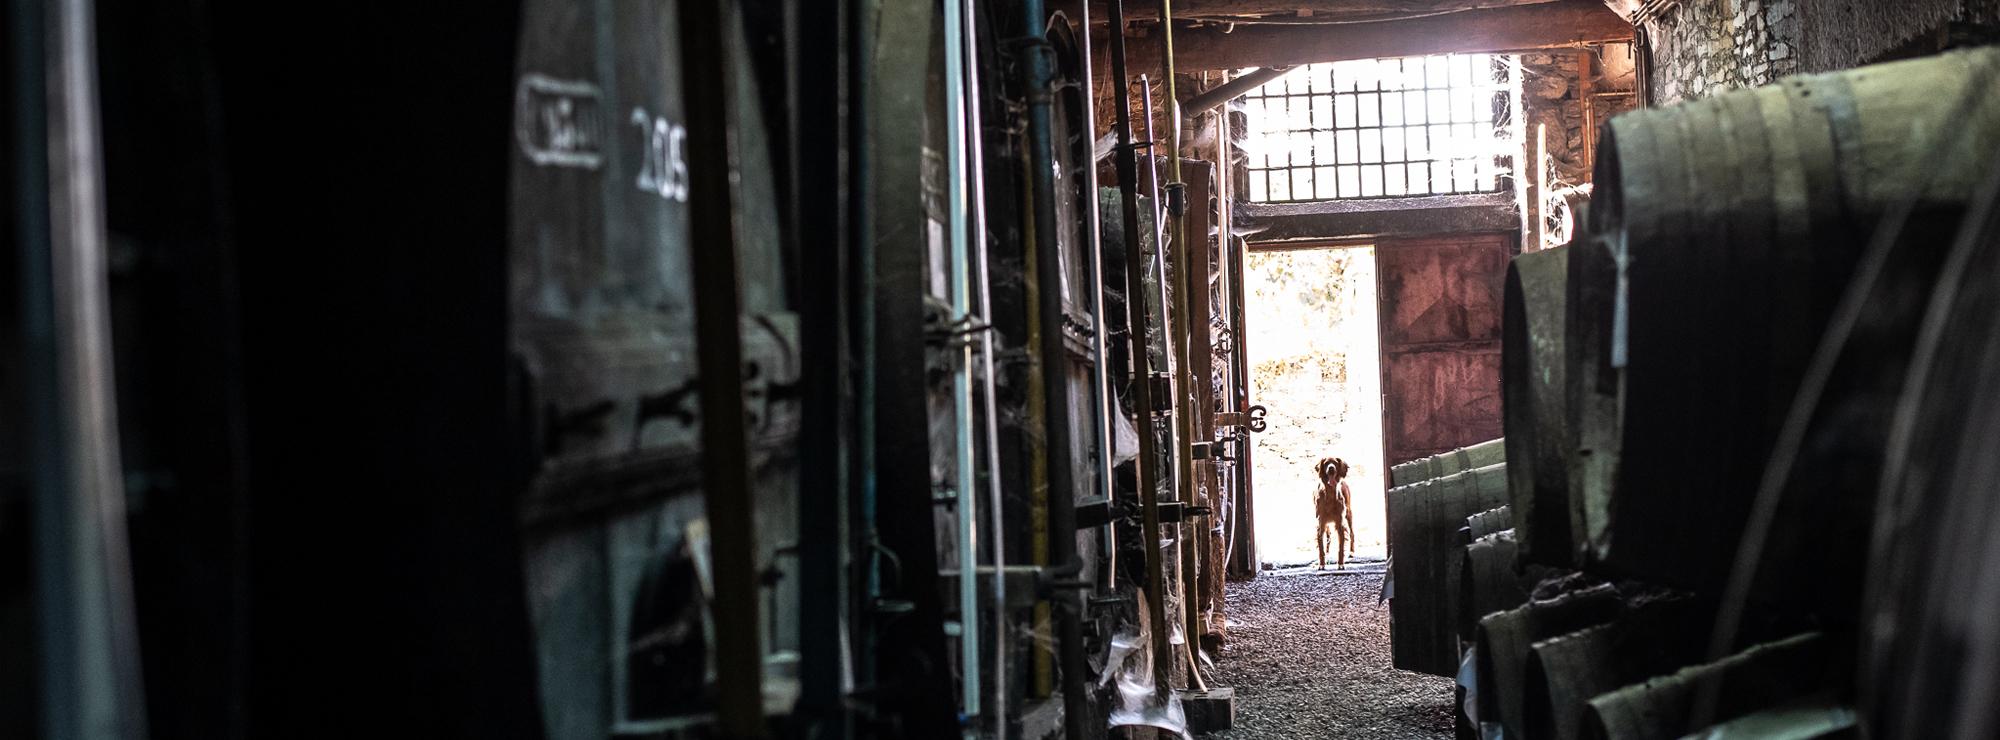 Barrels & Dog